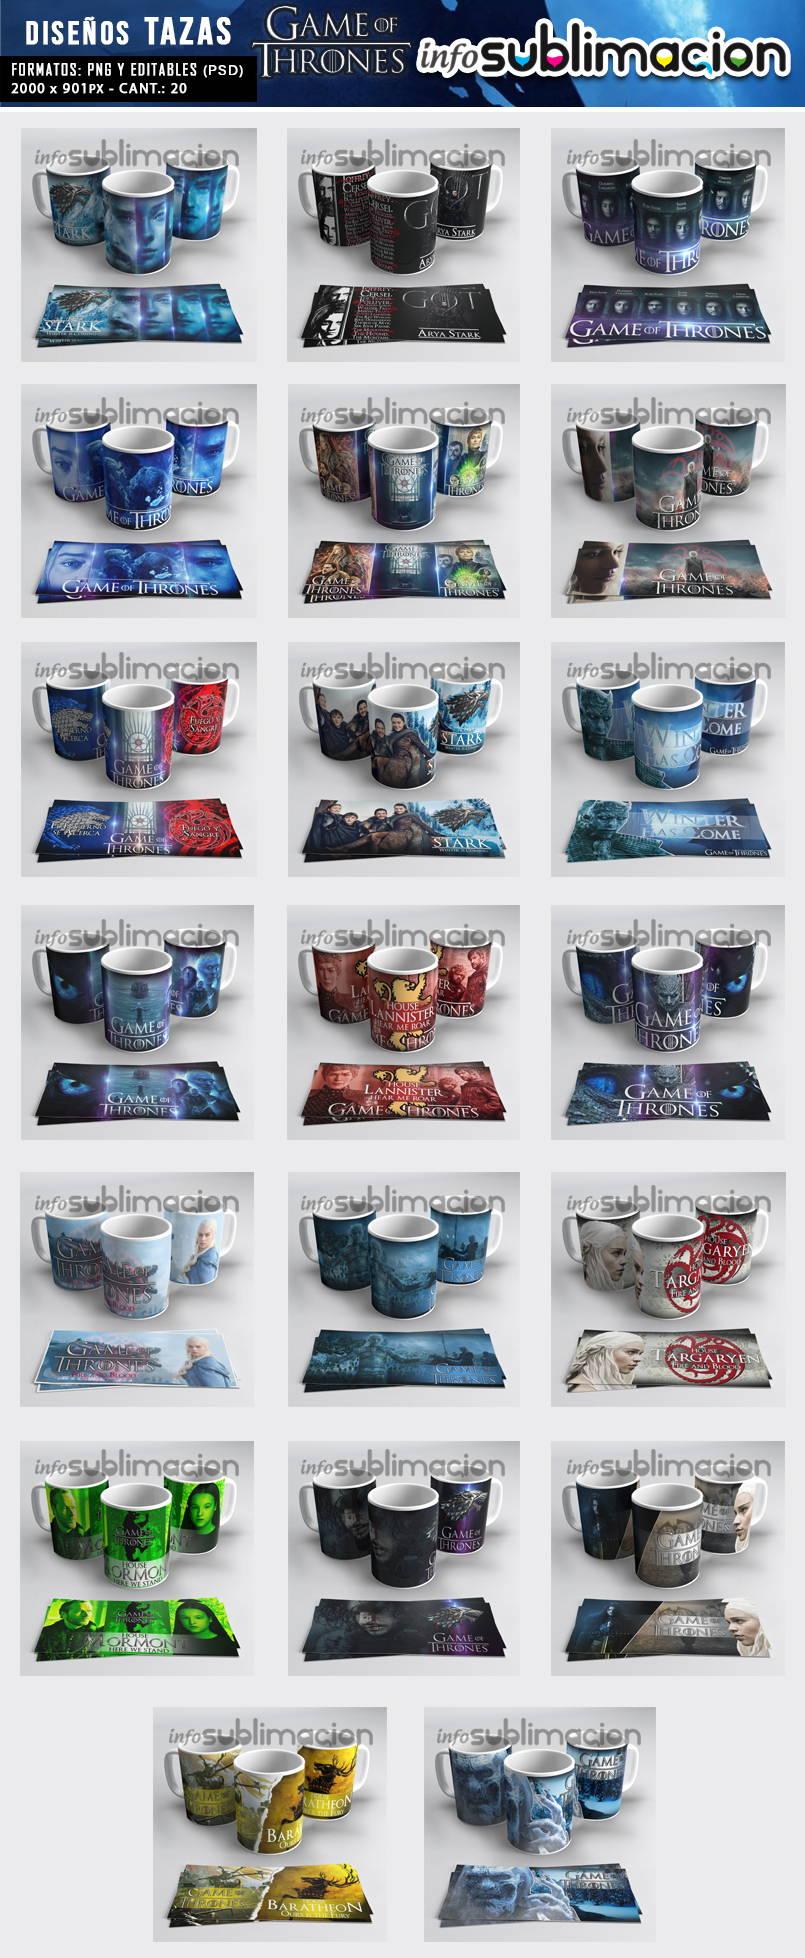 muestrario plantillas para tazas game of thrones